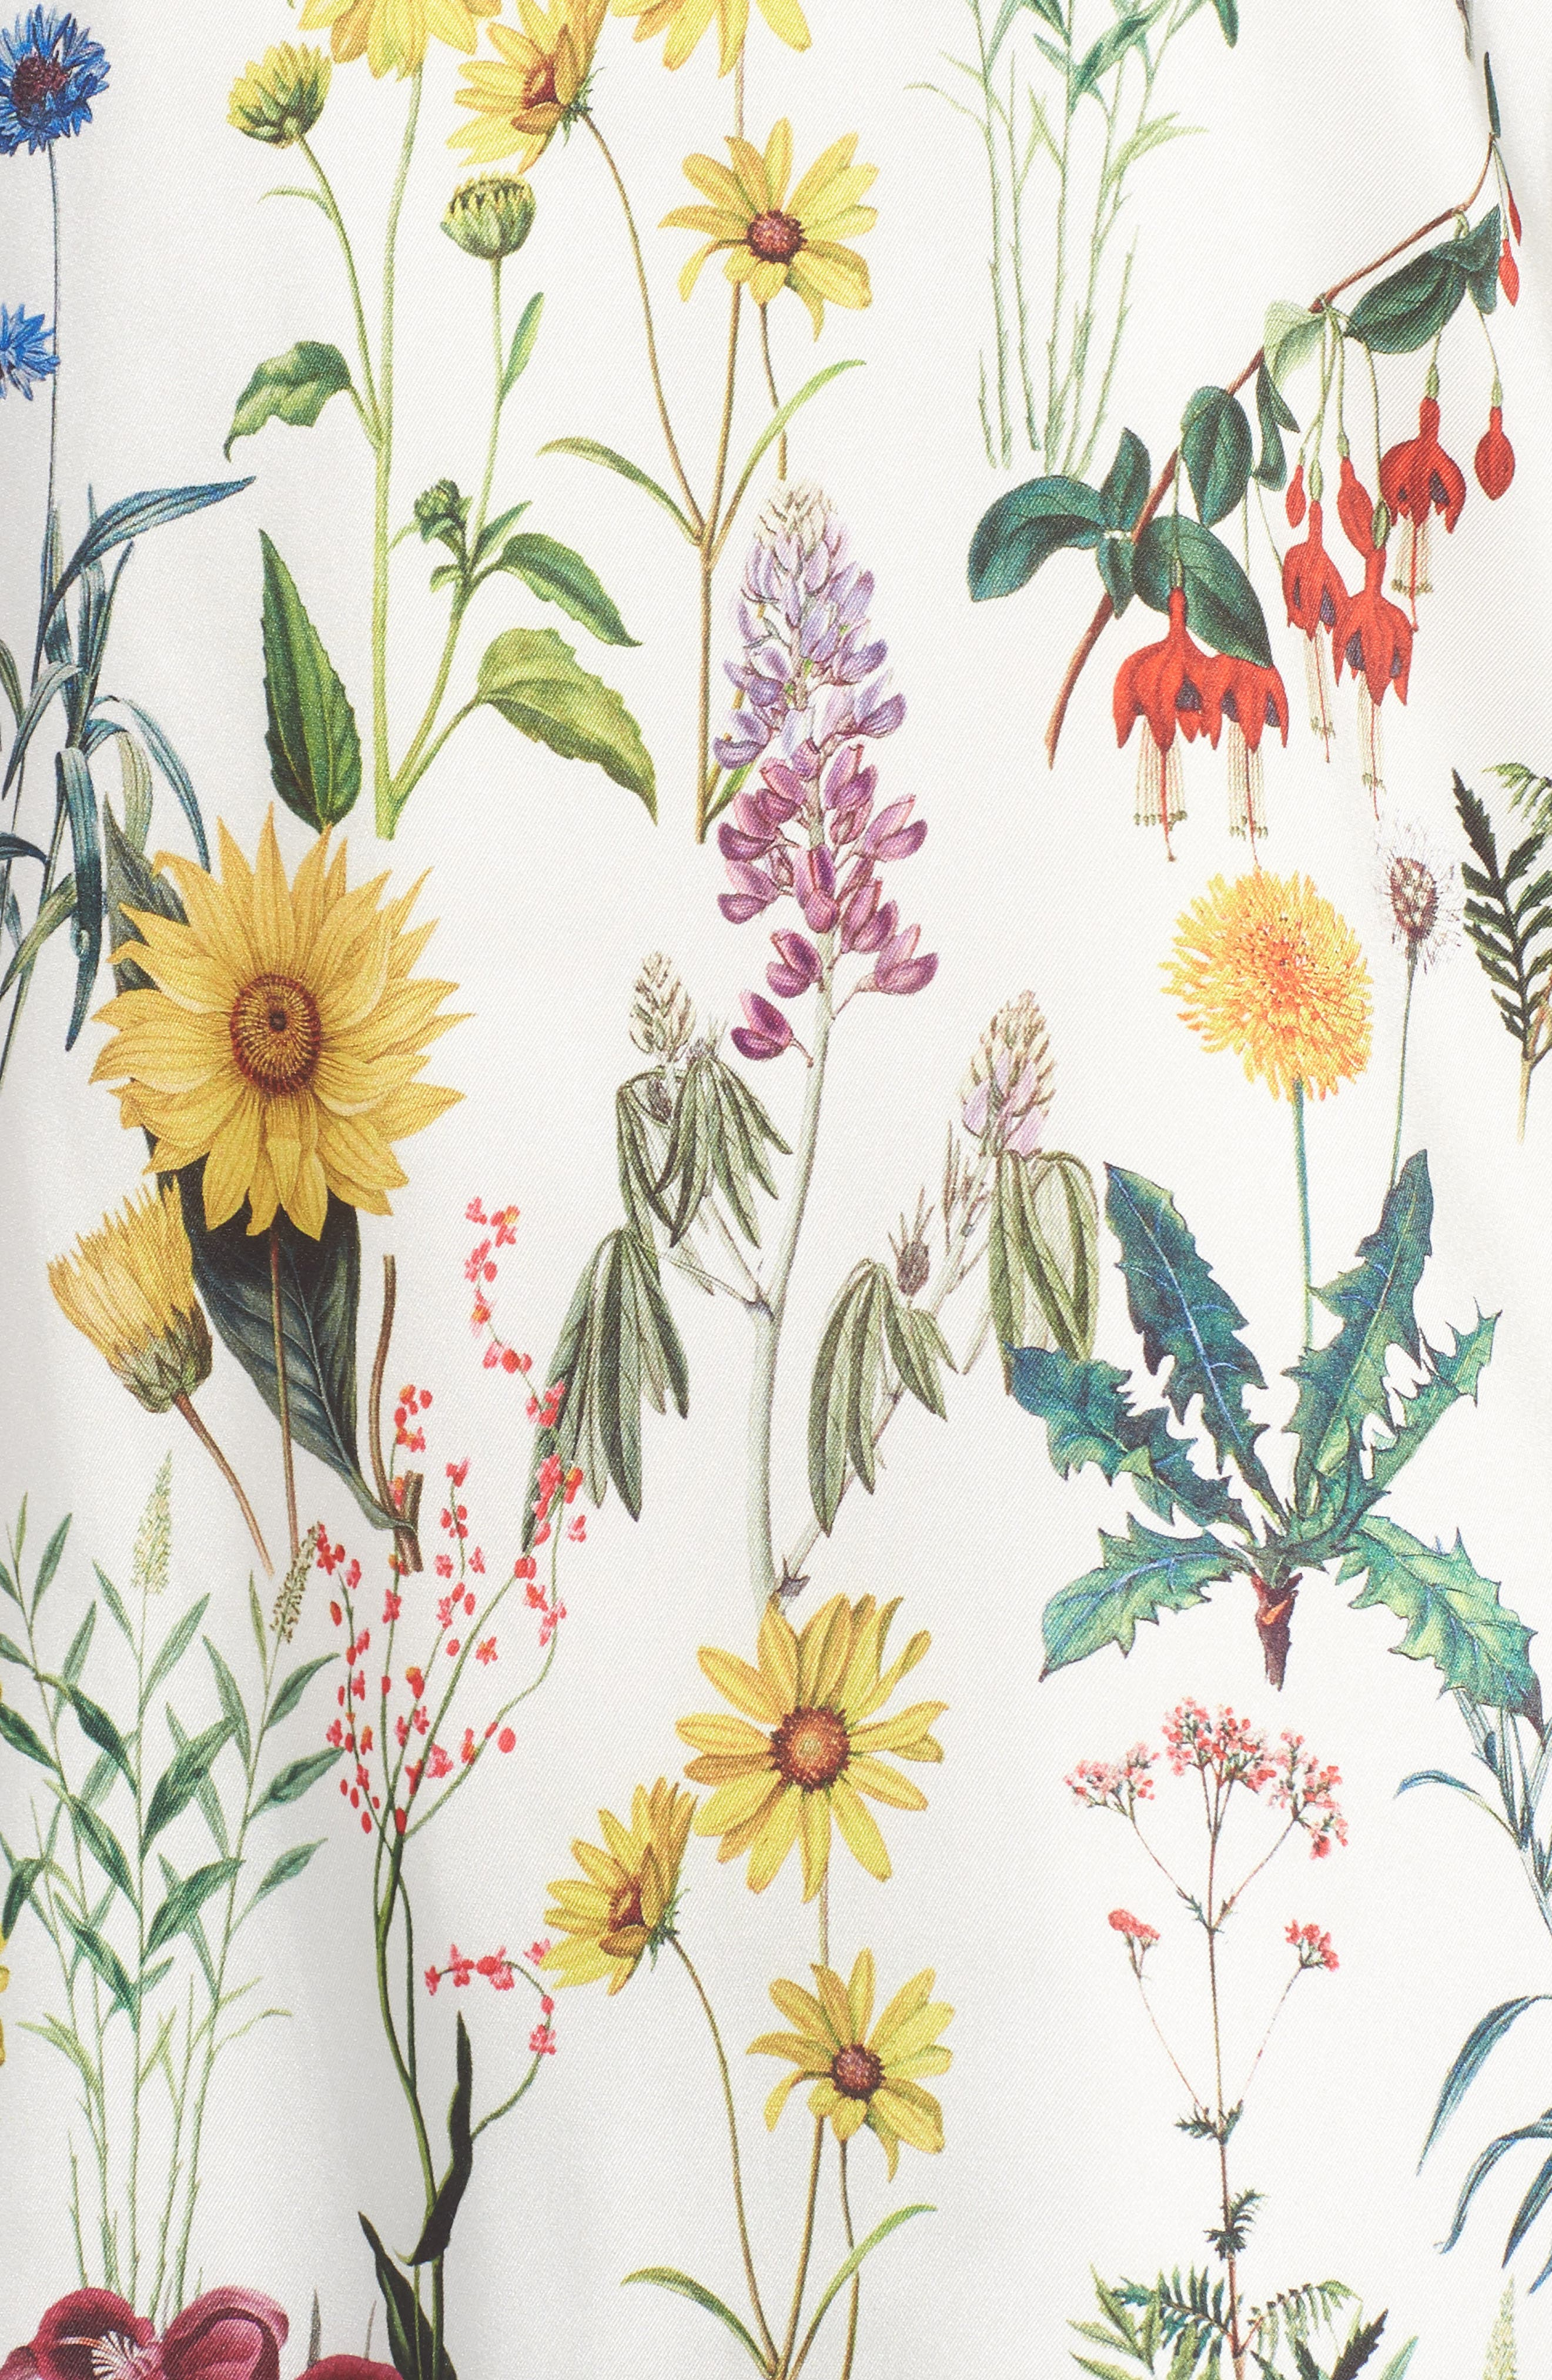 Botanical Off the Shoulder Top,                             Alternate thumbnail 6, color,                             Botanical Print/ Chalk